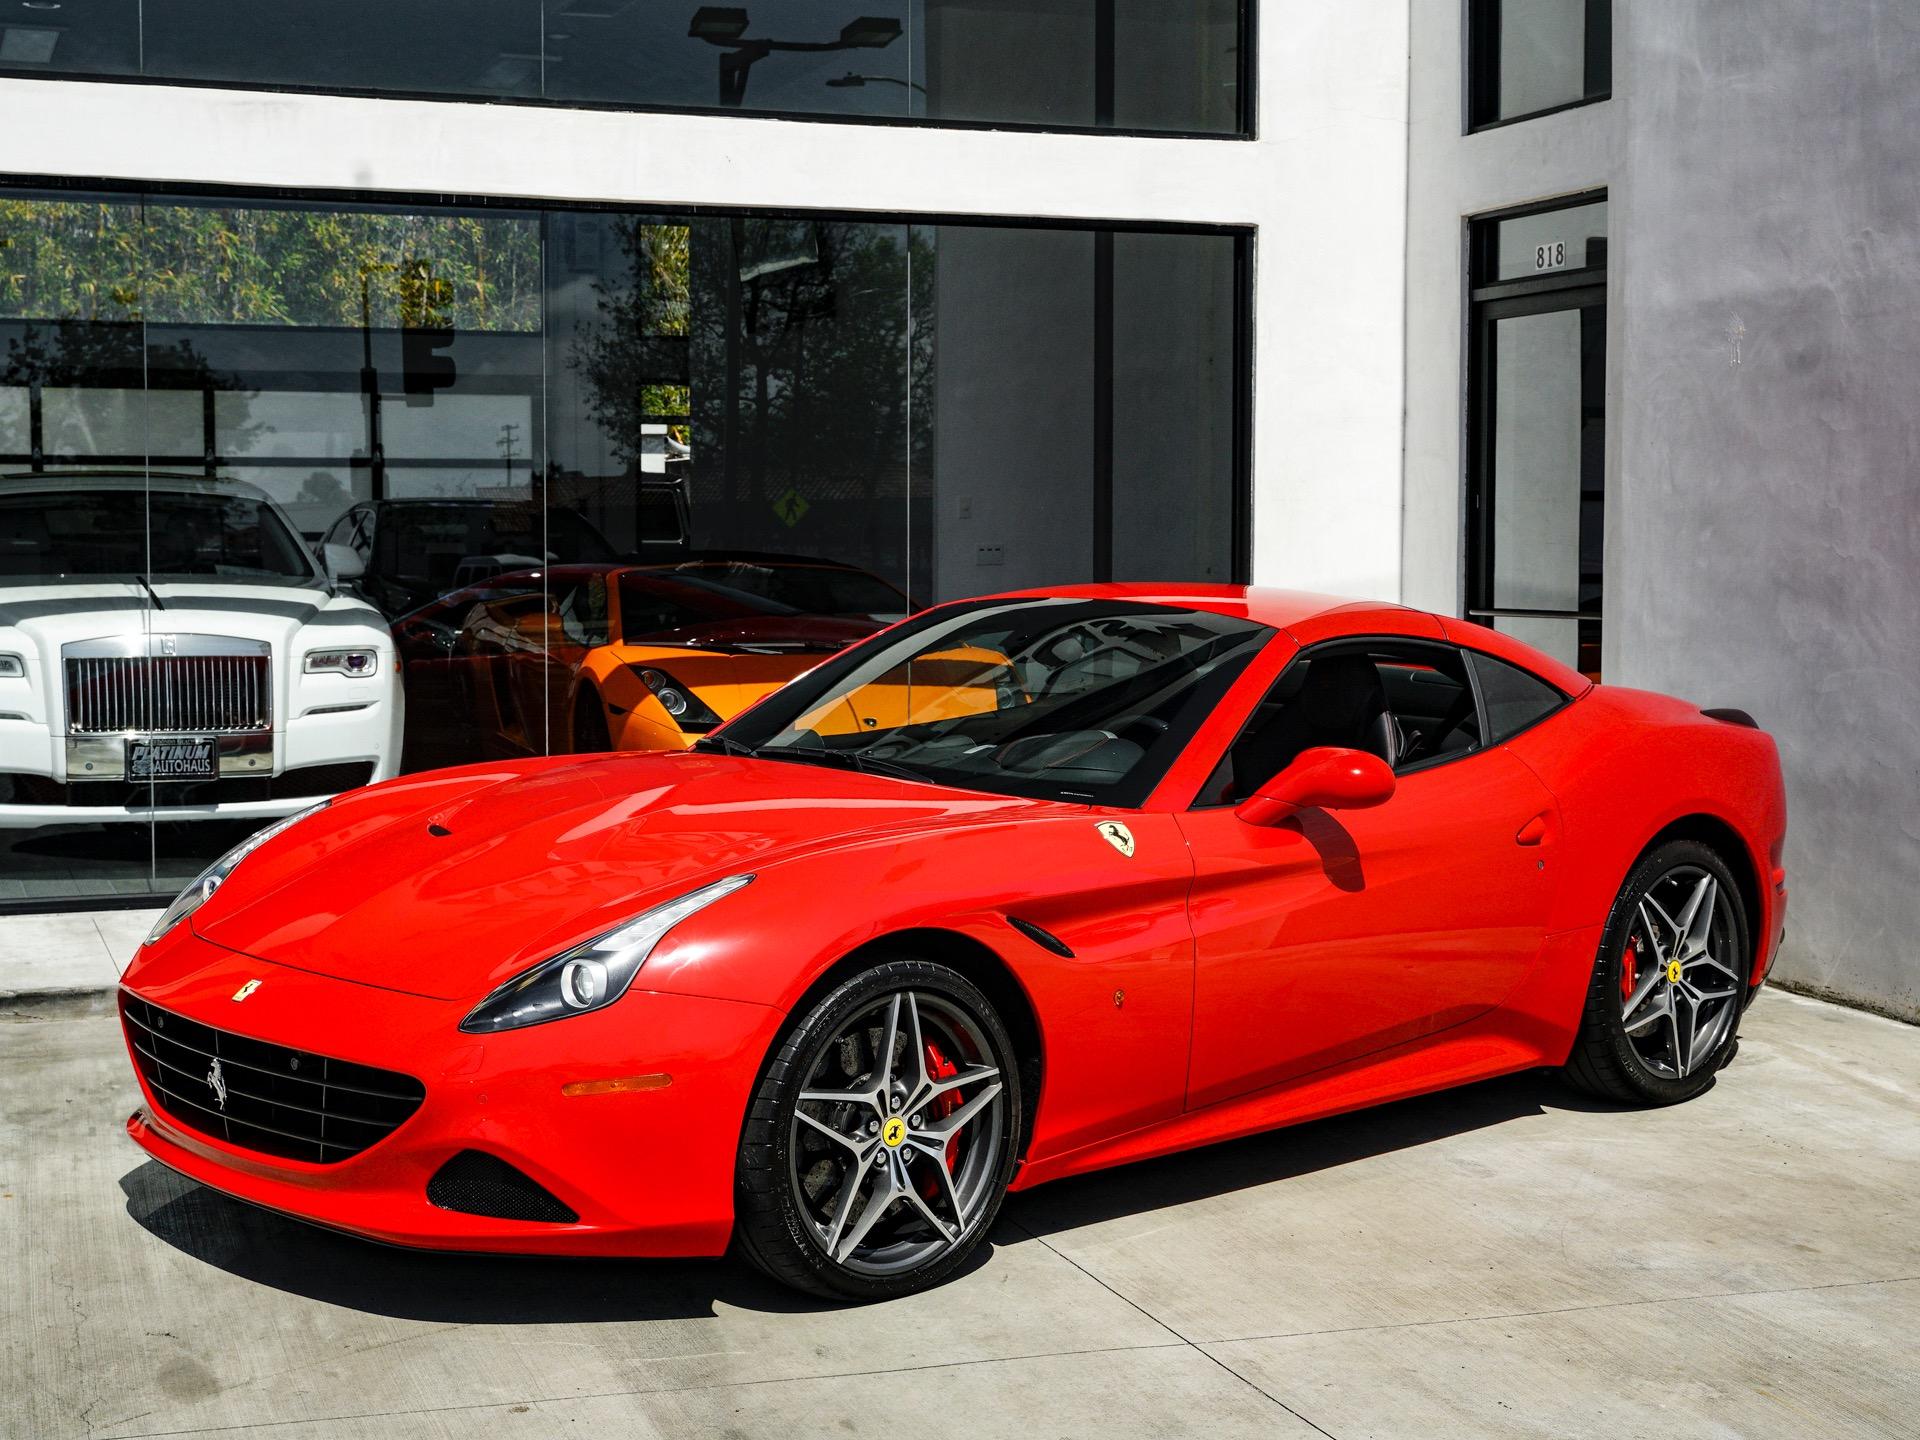 2016 Ferrari California T Stock # 216538 for sale near ...